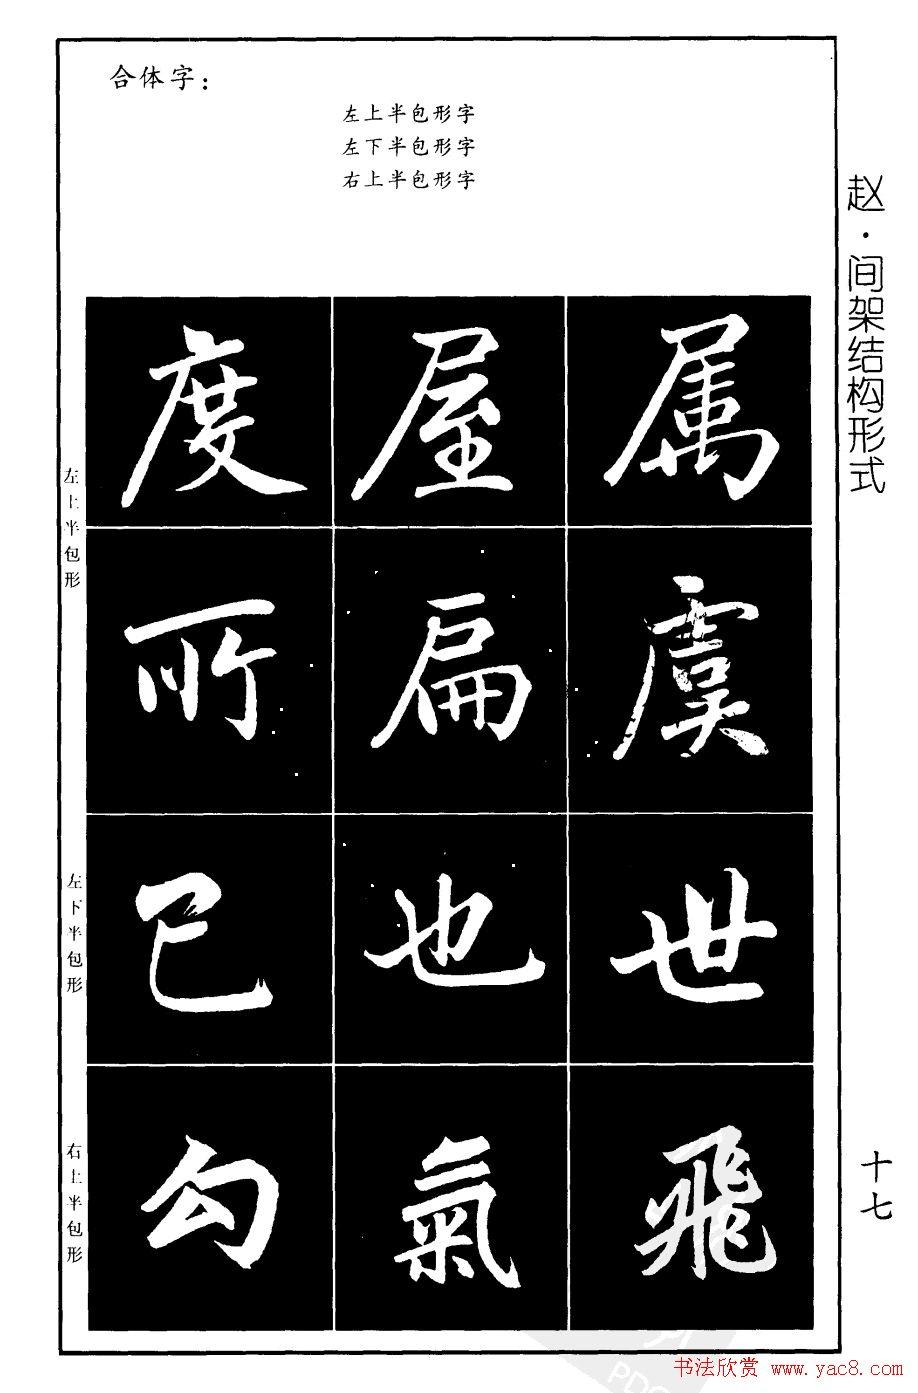 赵孟頫楷书习字帖放大图片44P 第17页 楷书字帖 书法欣赏